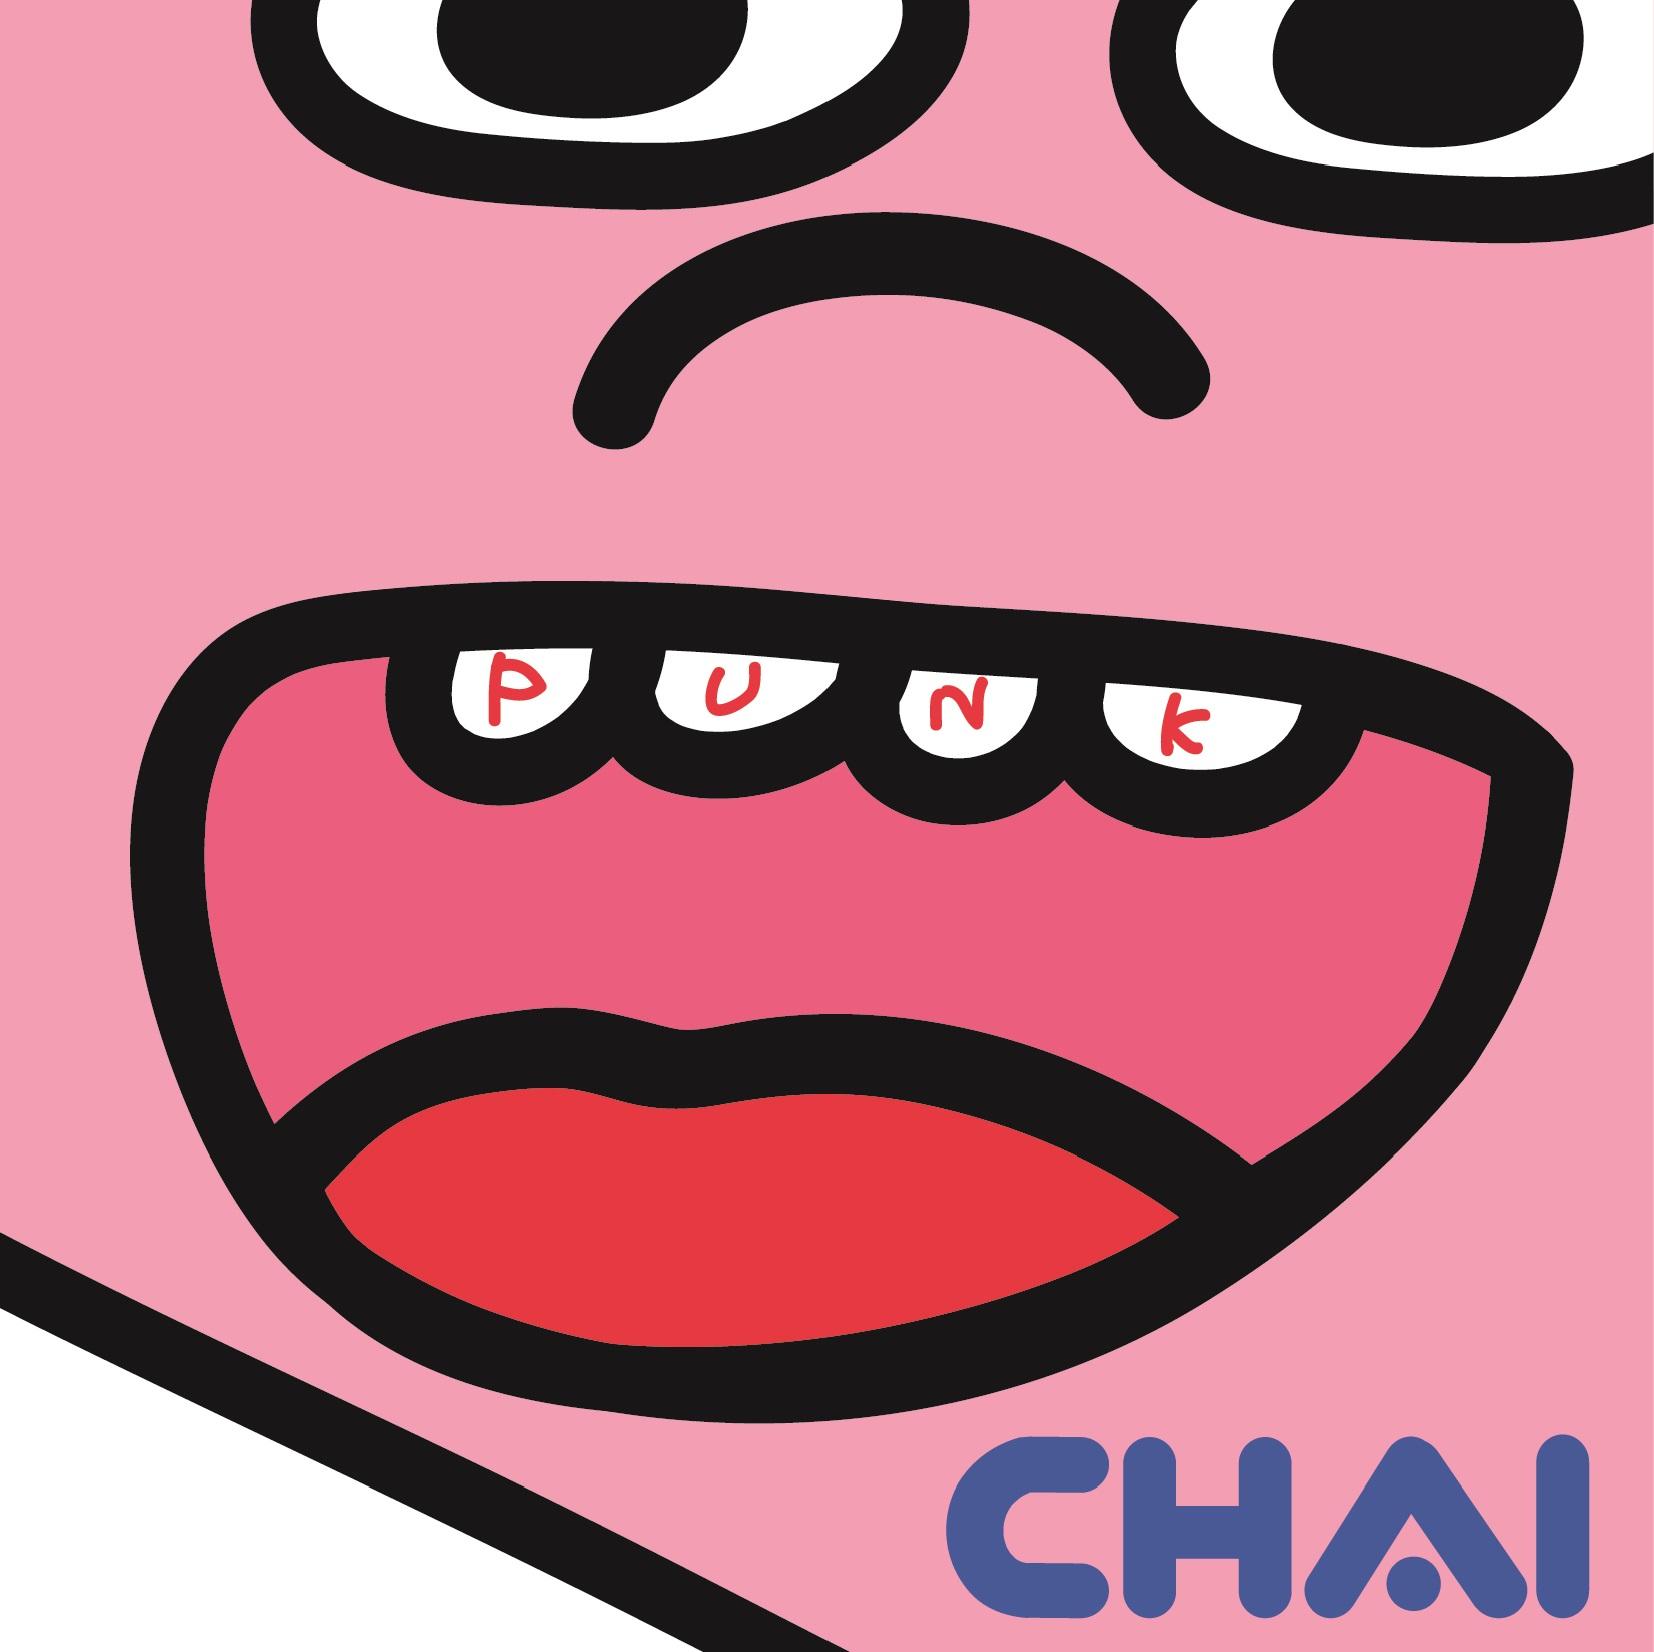 CHAI - PUNK